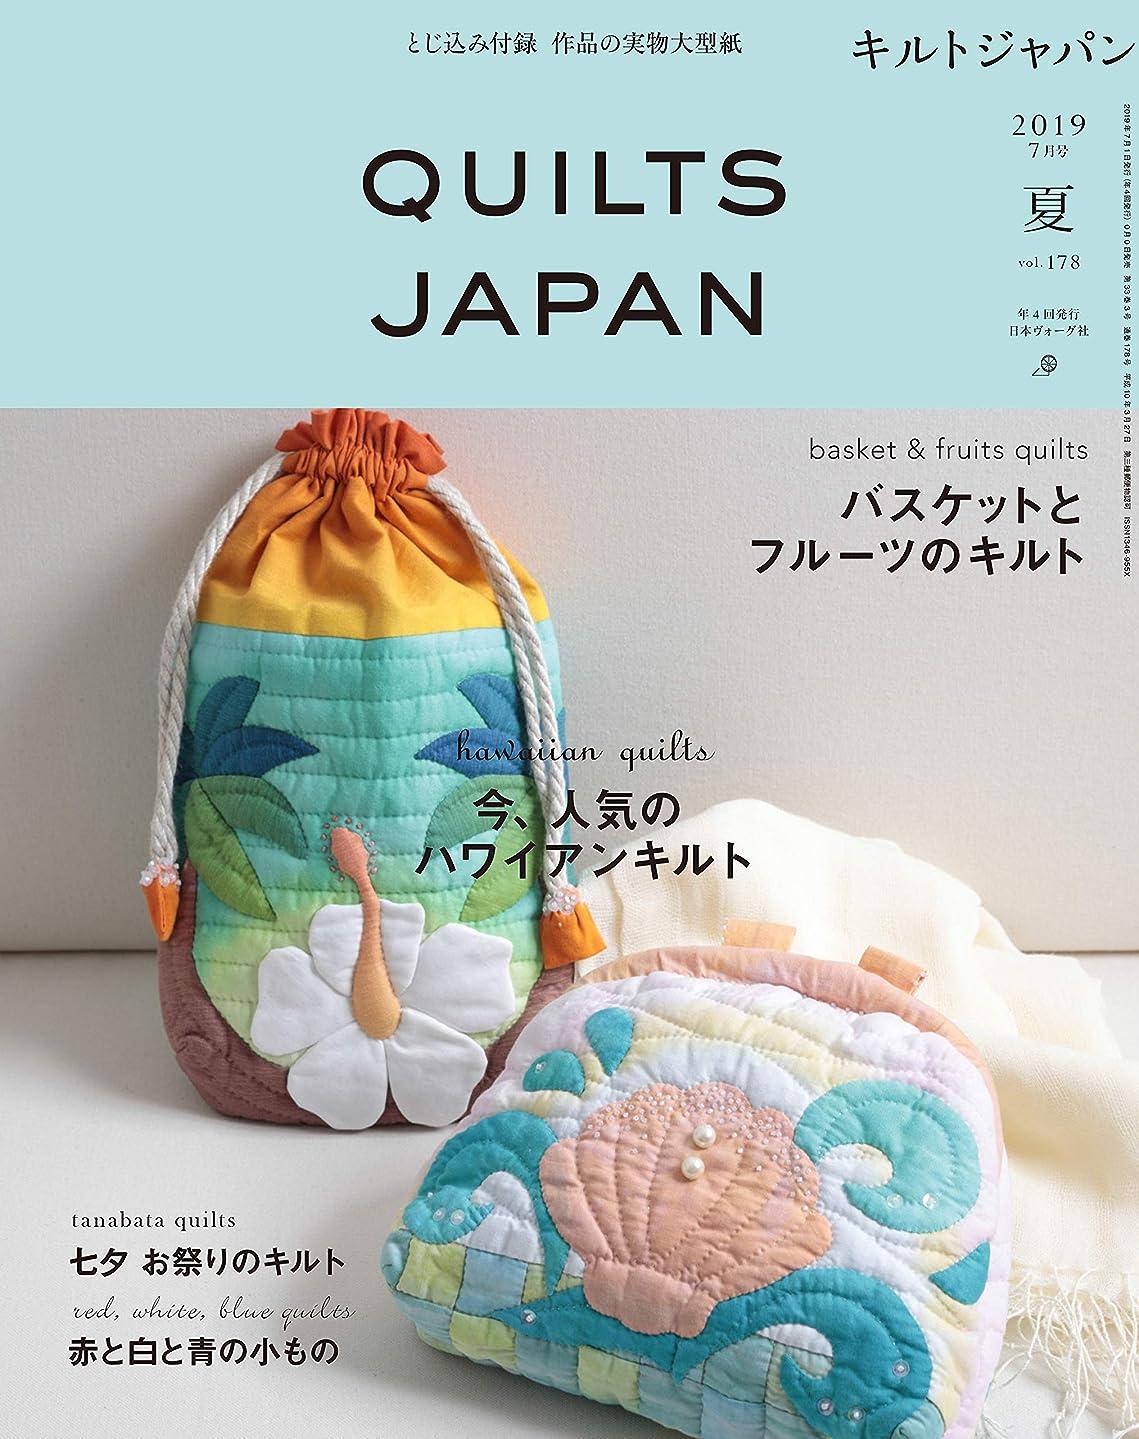 万一に備えて柔らかい異議キルトジャパン2019年7月号夏 QUILTS JAPAN